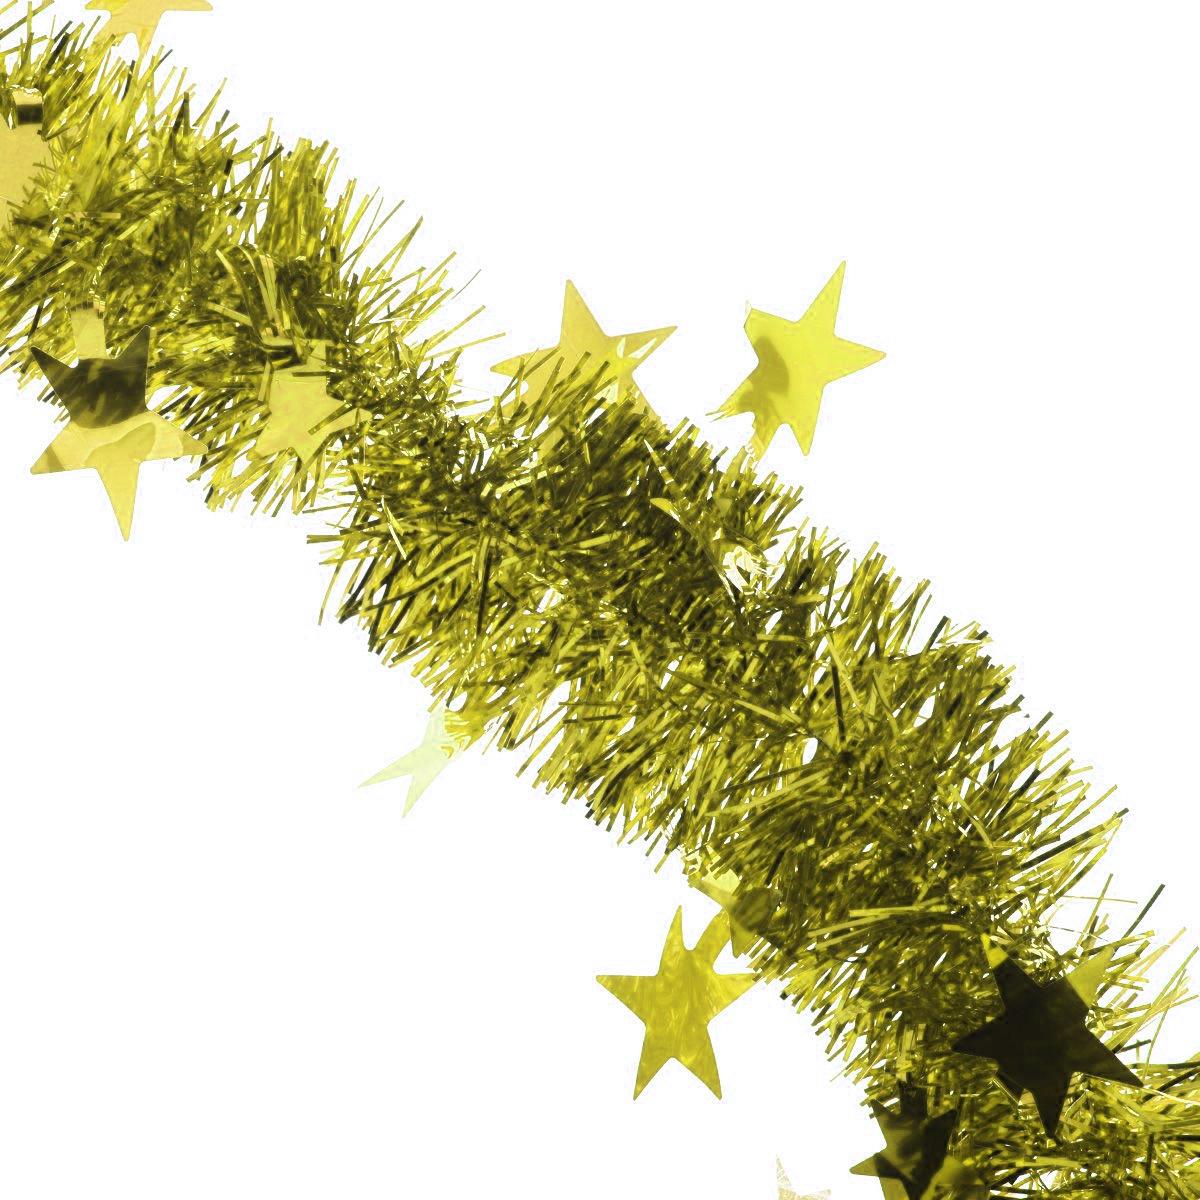 Мишура новогодняя Sima-land, цвет: золотистый, диаметр 5 см, длина 200 см. 702609DP-C30-025Мишура новогодняя Sima-land, выполненная из фольги, поможет вам украсить свой дом к предстоящим праздникам. Мишура армирована, то есть имеет проволоку внутри и способна сохранять приданную ей форму.Новогодняя елка с таким украшением станет еще наряднее. Новогодней мишурой можно украсить все, что угодно - елку, квартиру, дачу, офис - как внутри, так и снаружи. Можно сложить новогодние поздравления, буквы и цифры, мишурой можно украсить и дополнить гирлянды, можно выделить дверные колонны, оплести дверные проемы. Коллекция декоративных украшений из серии Зимнее волшебство принесет в ваш дом ни с чем несравнимое ощущение праздника! Создайте в своем доме атмосферу тепла, веселья и радости, украшая его всей семьей.